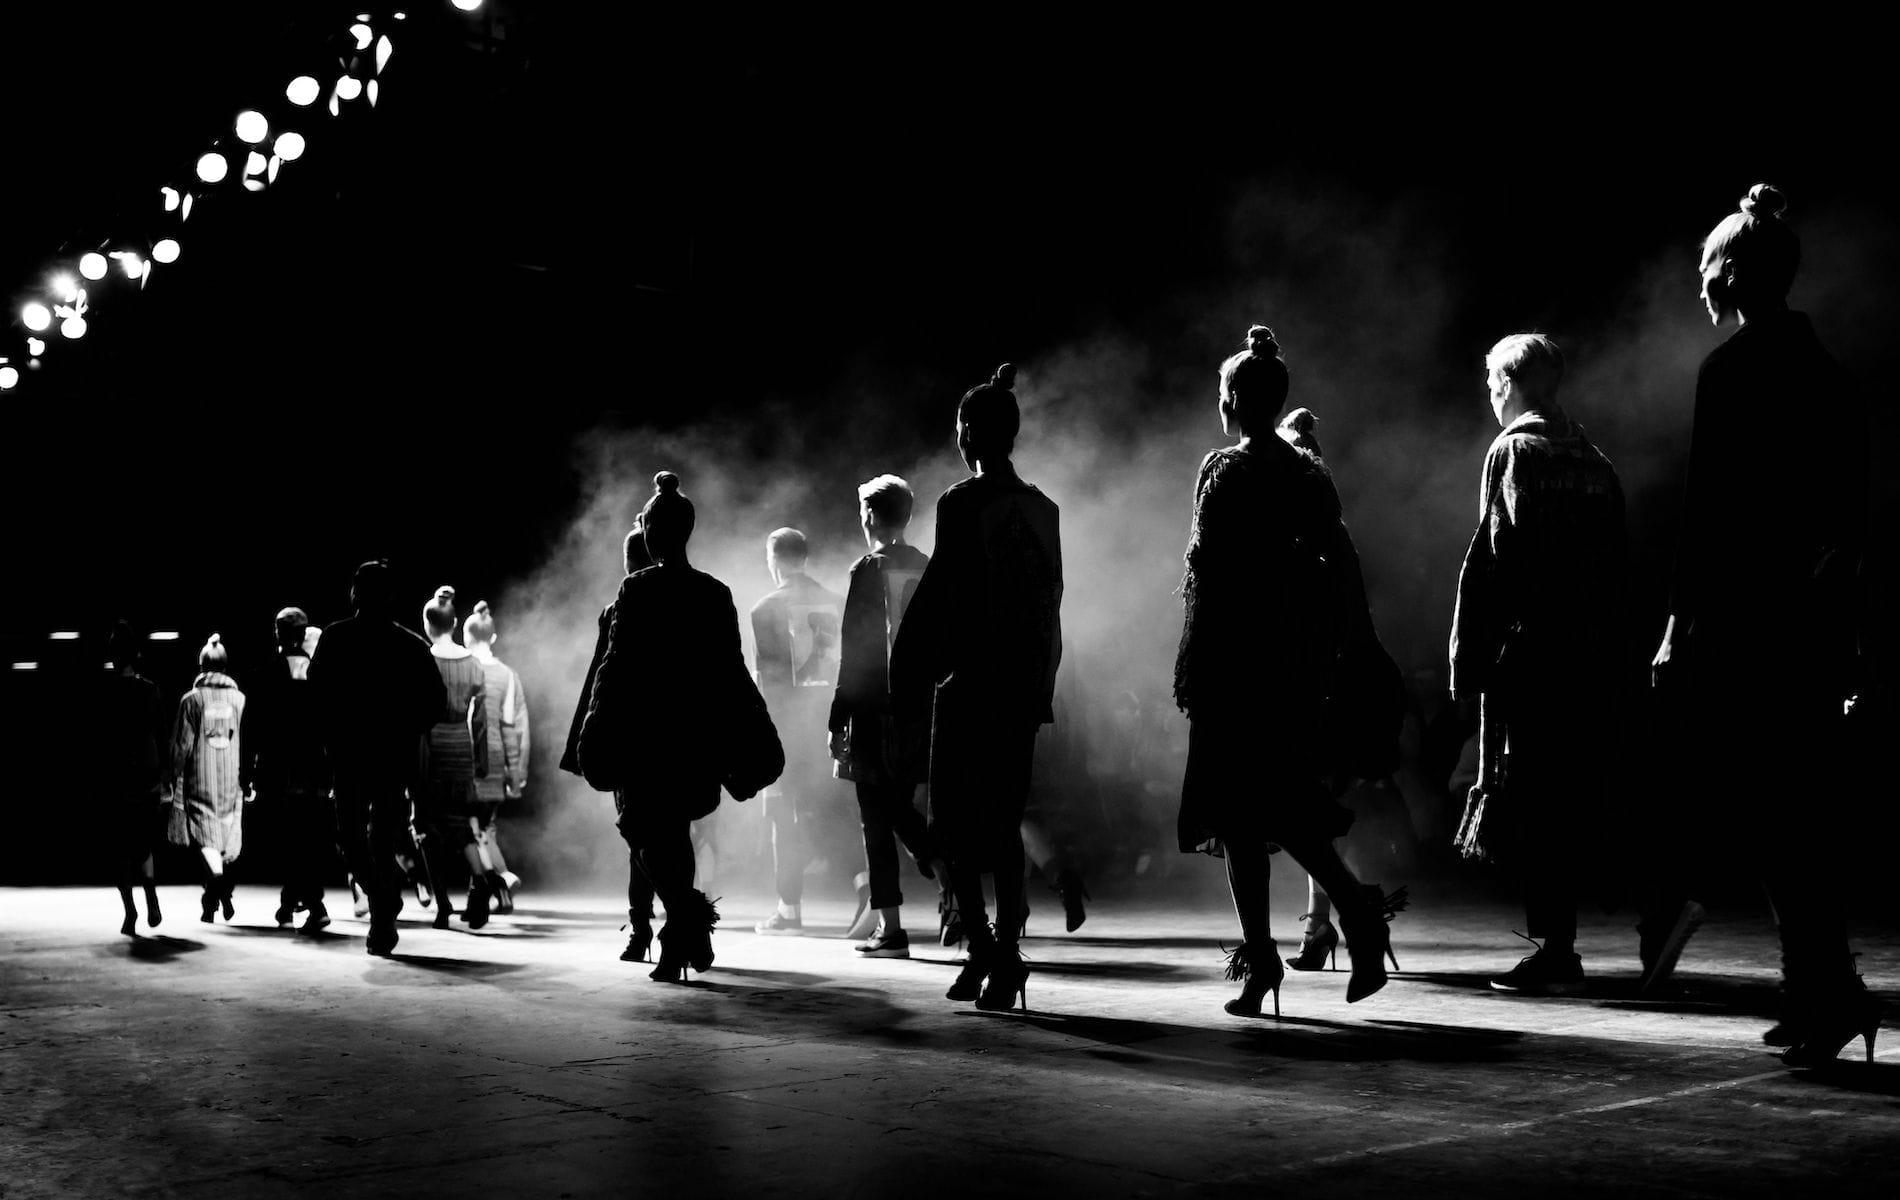 VIE Magazine, The Idea Boutique, Paris Fashion Week, Paris Fashion Week 2020, Paris France, Paris, Paris Fashion Week AW 2020 Recap